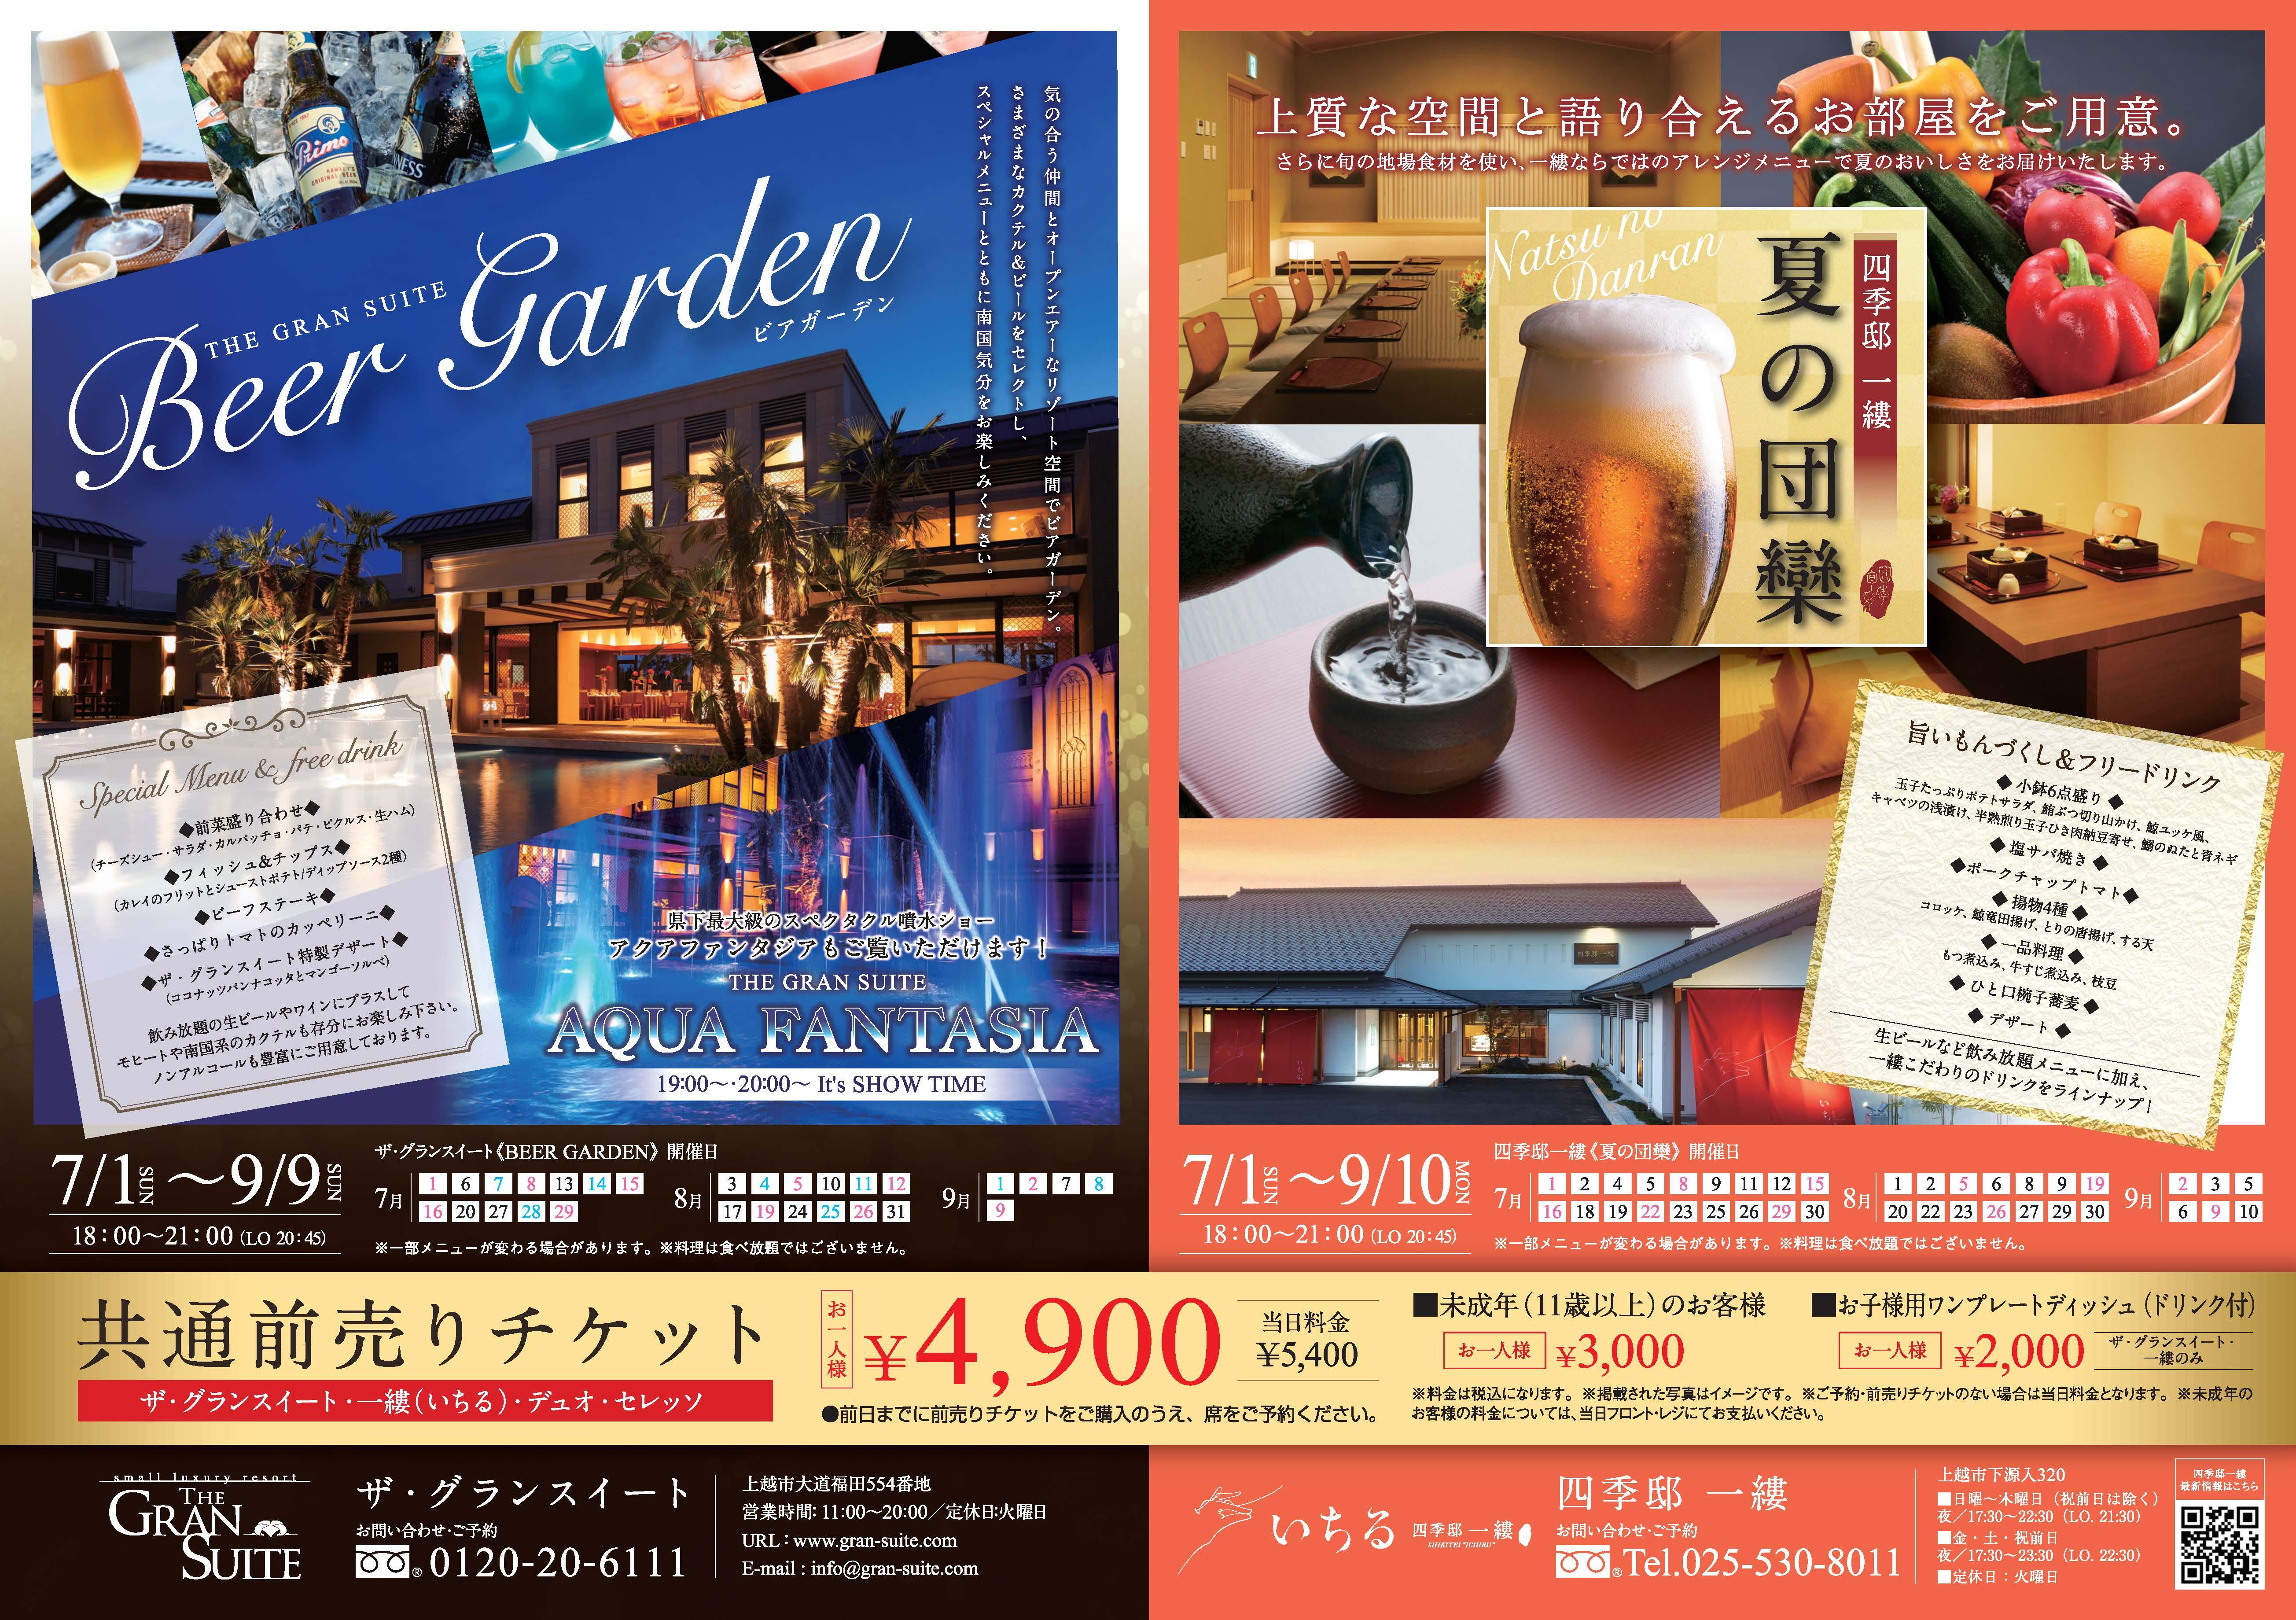 TGS_ichiru_2018_beer